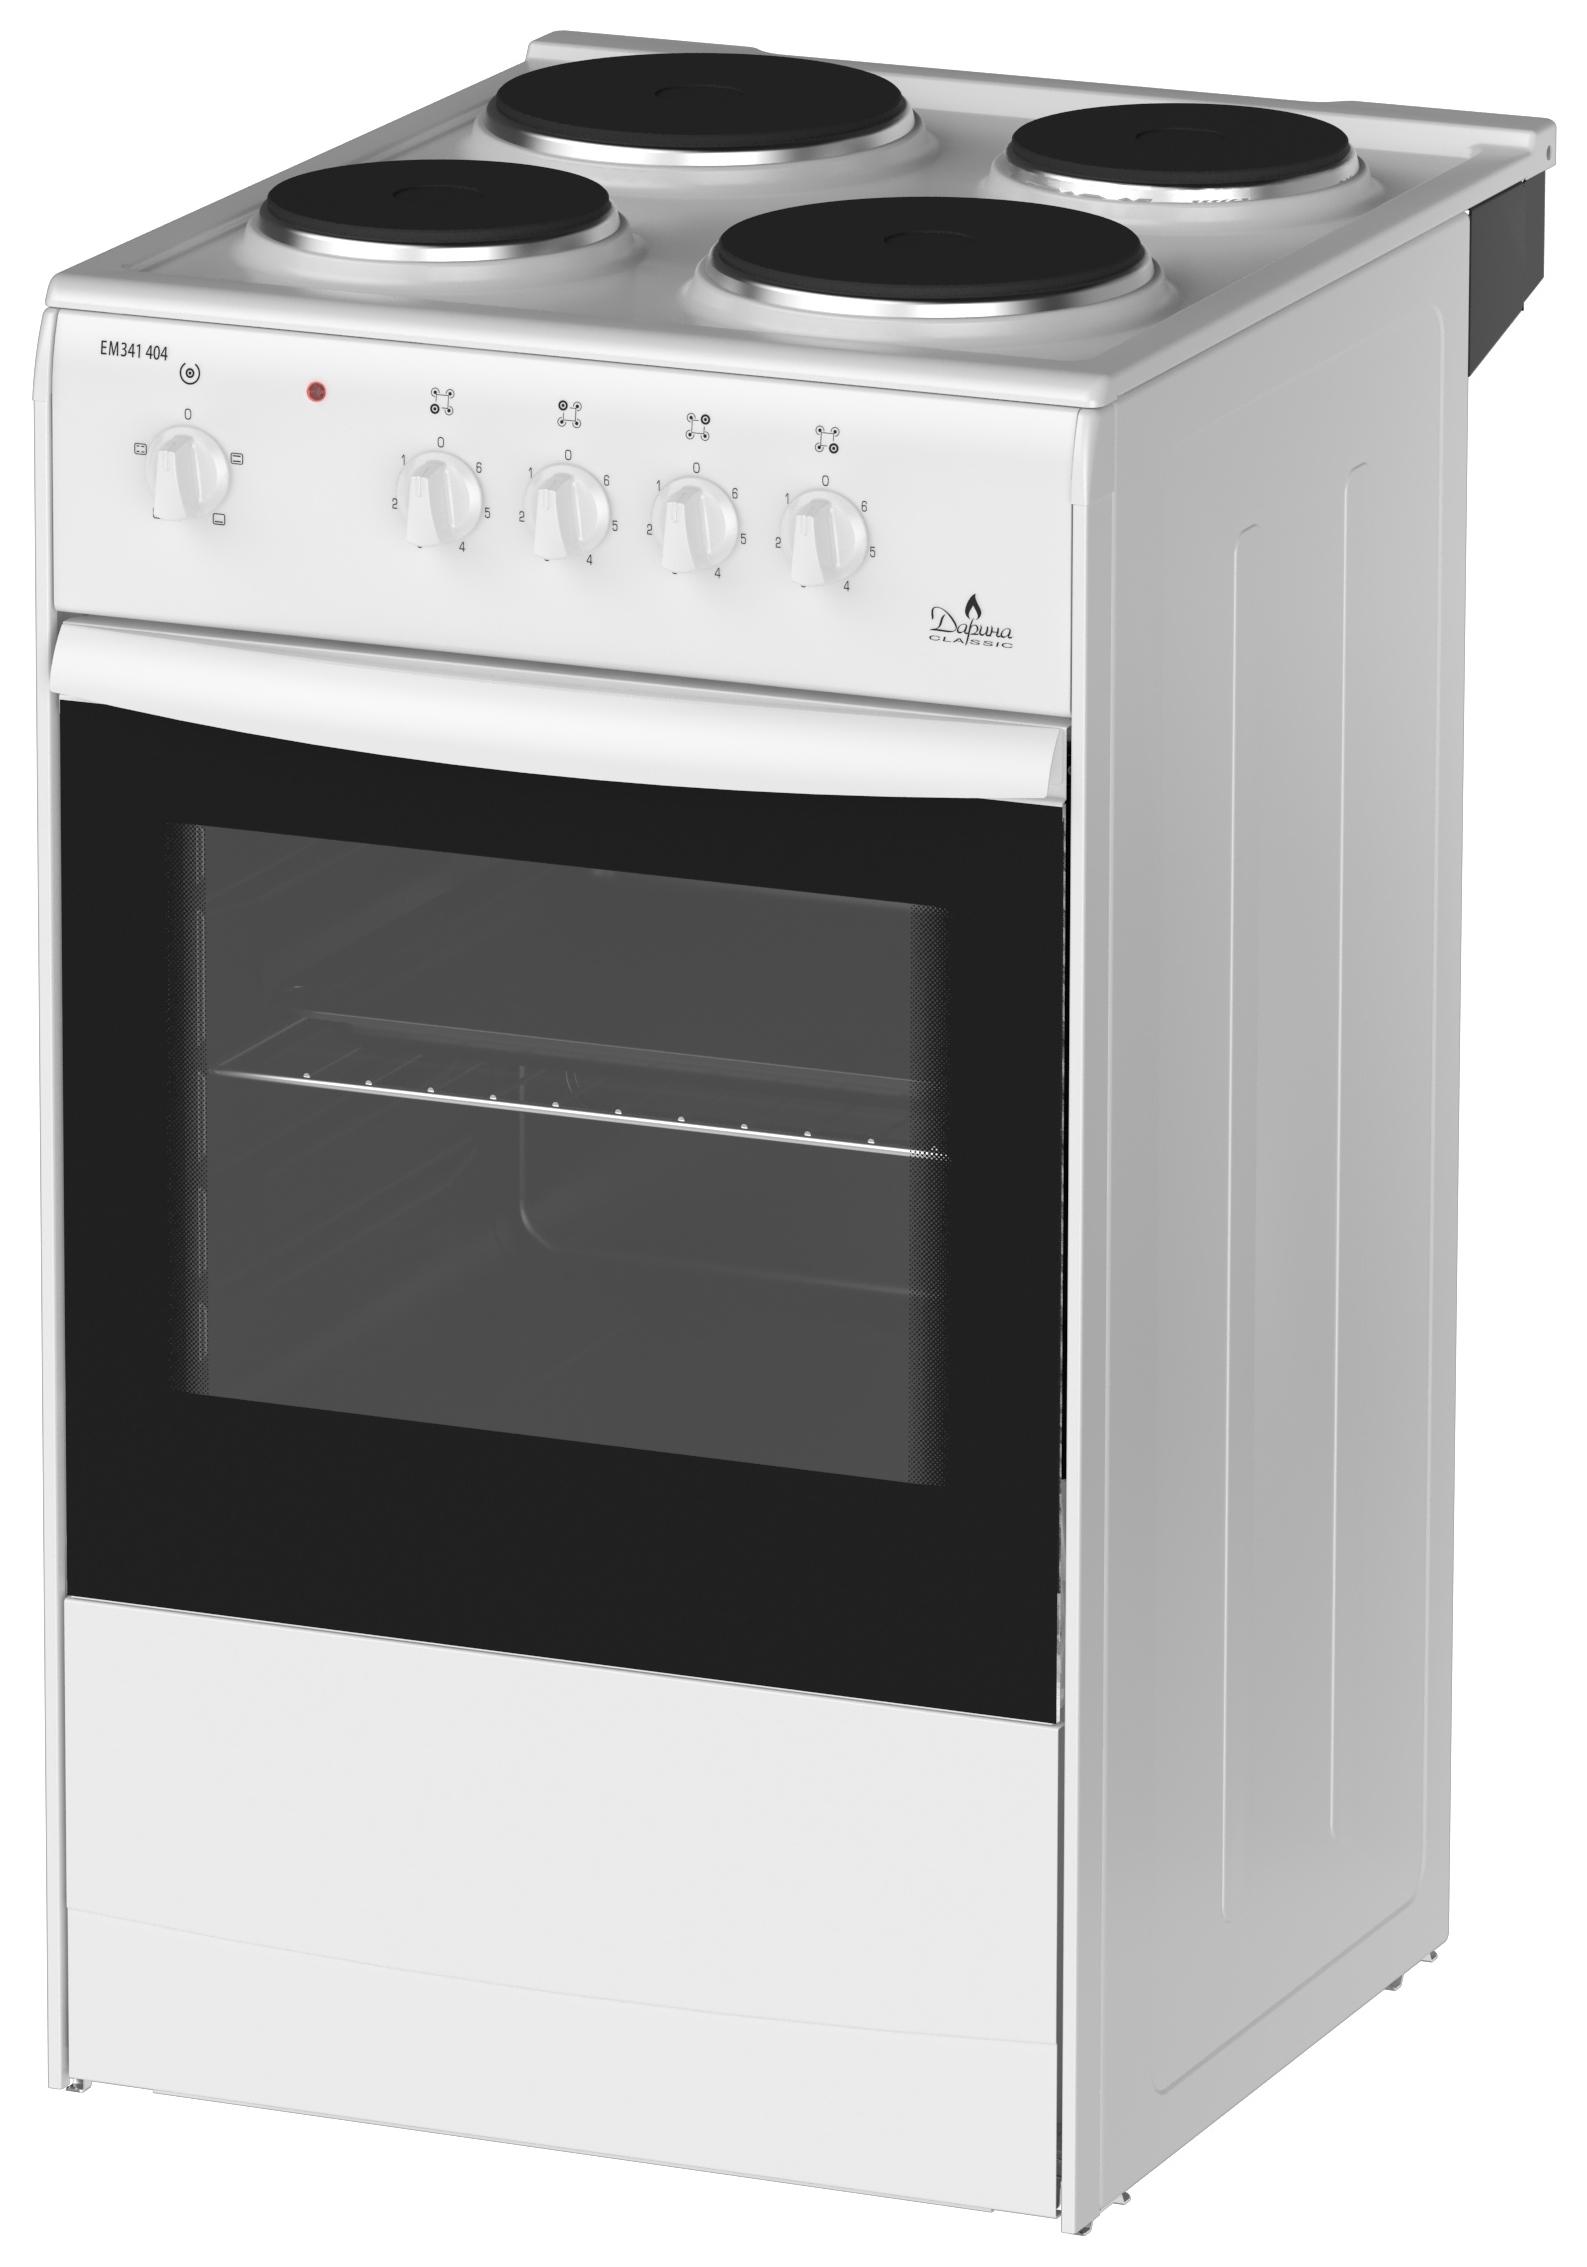 Электрическая плита Darina S EM 341 404 W White фото